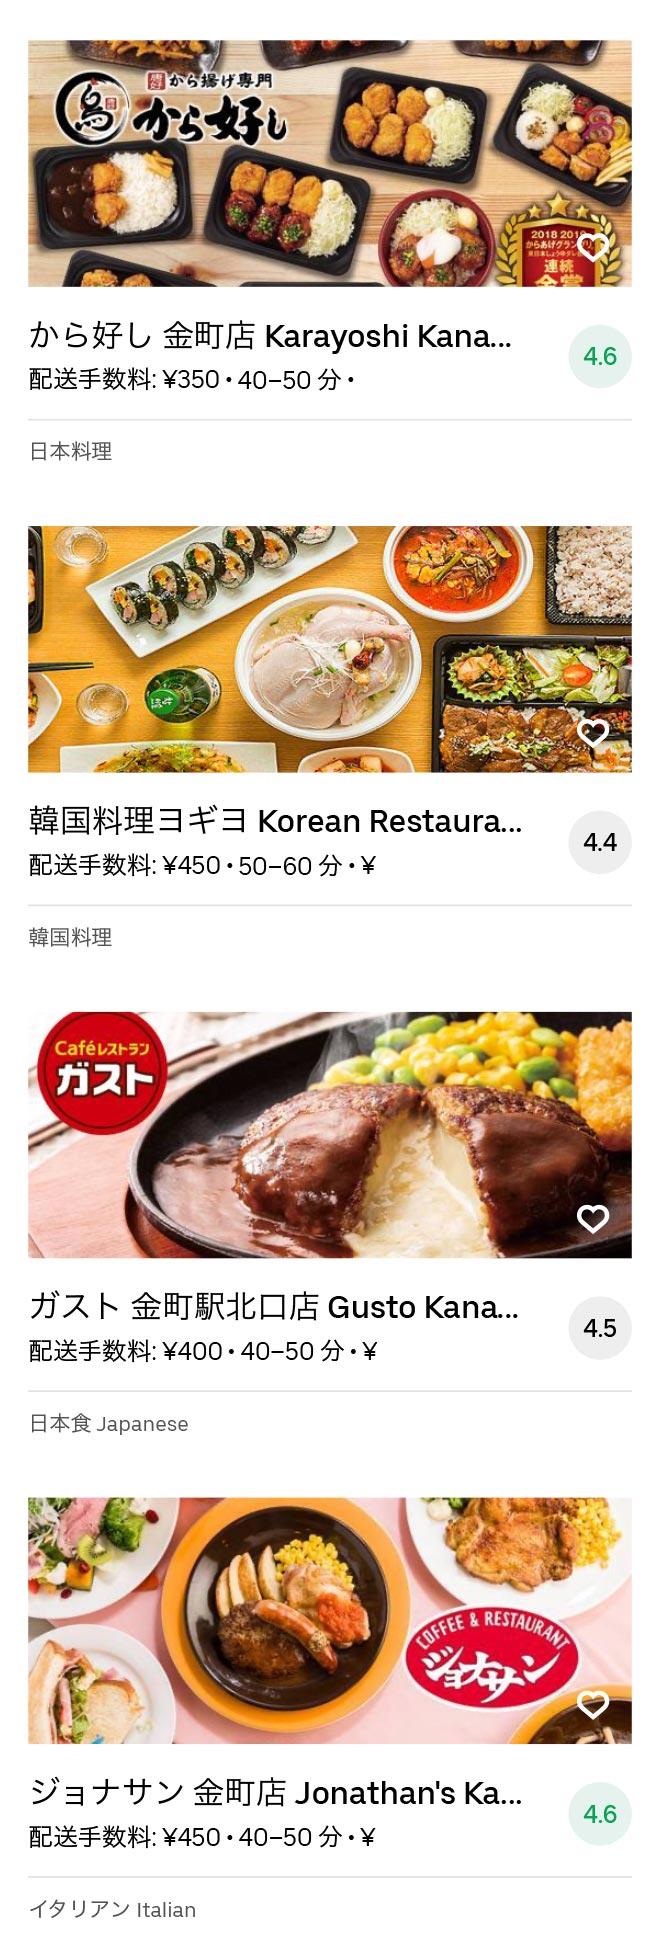 Matsudo menu 2007 04